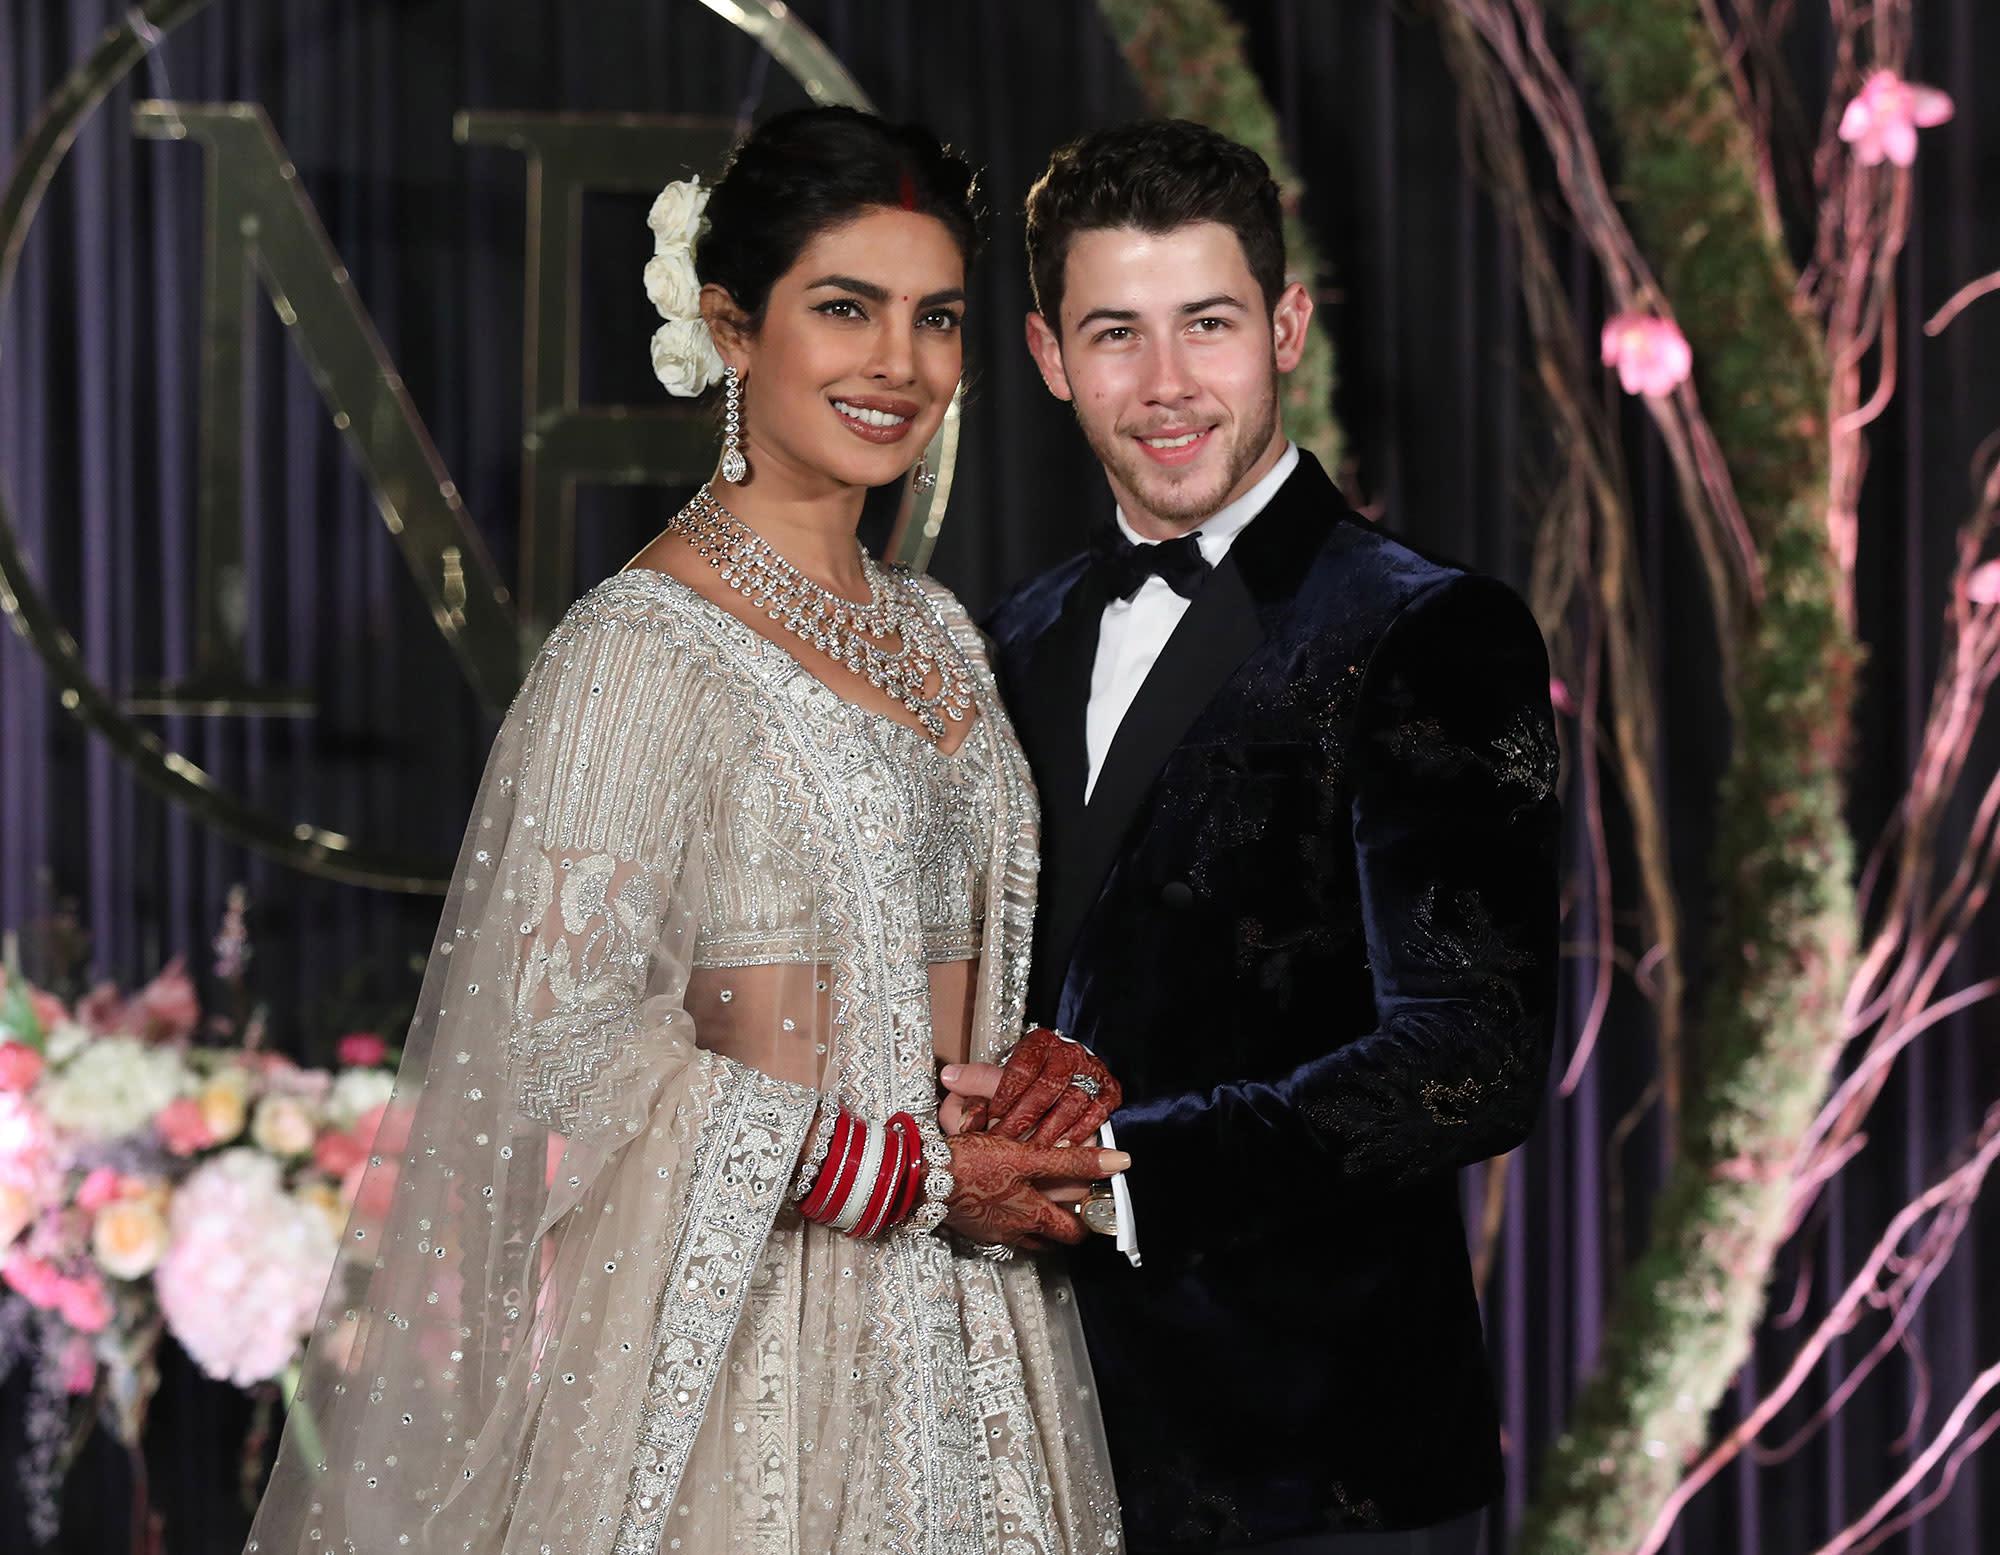 Joe Jonas Says Brother Nick Jonas And Wife Priyanka Chopra Are A